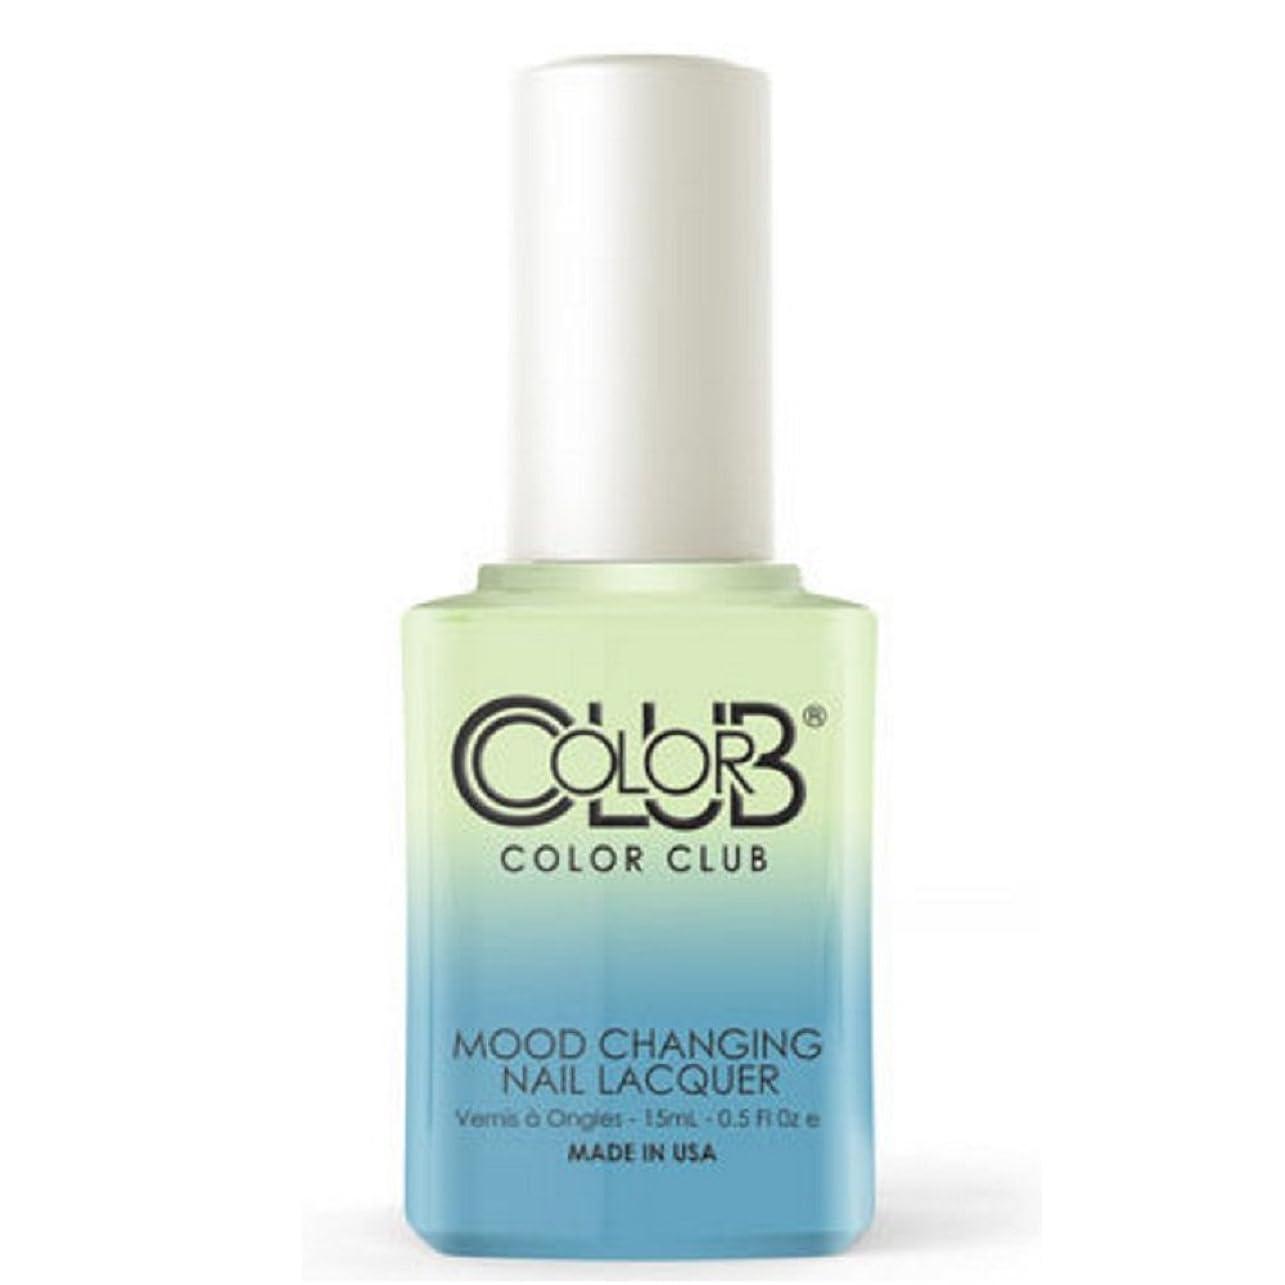 ジャンクション斧殉教者Color Club Mood Changing Nail Lacquer - Extra-vert - 15 mL / 0.5 fl oz